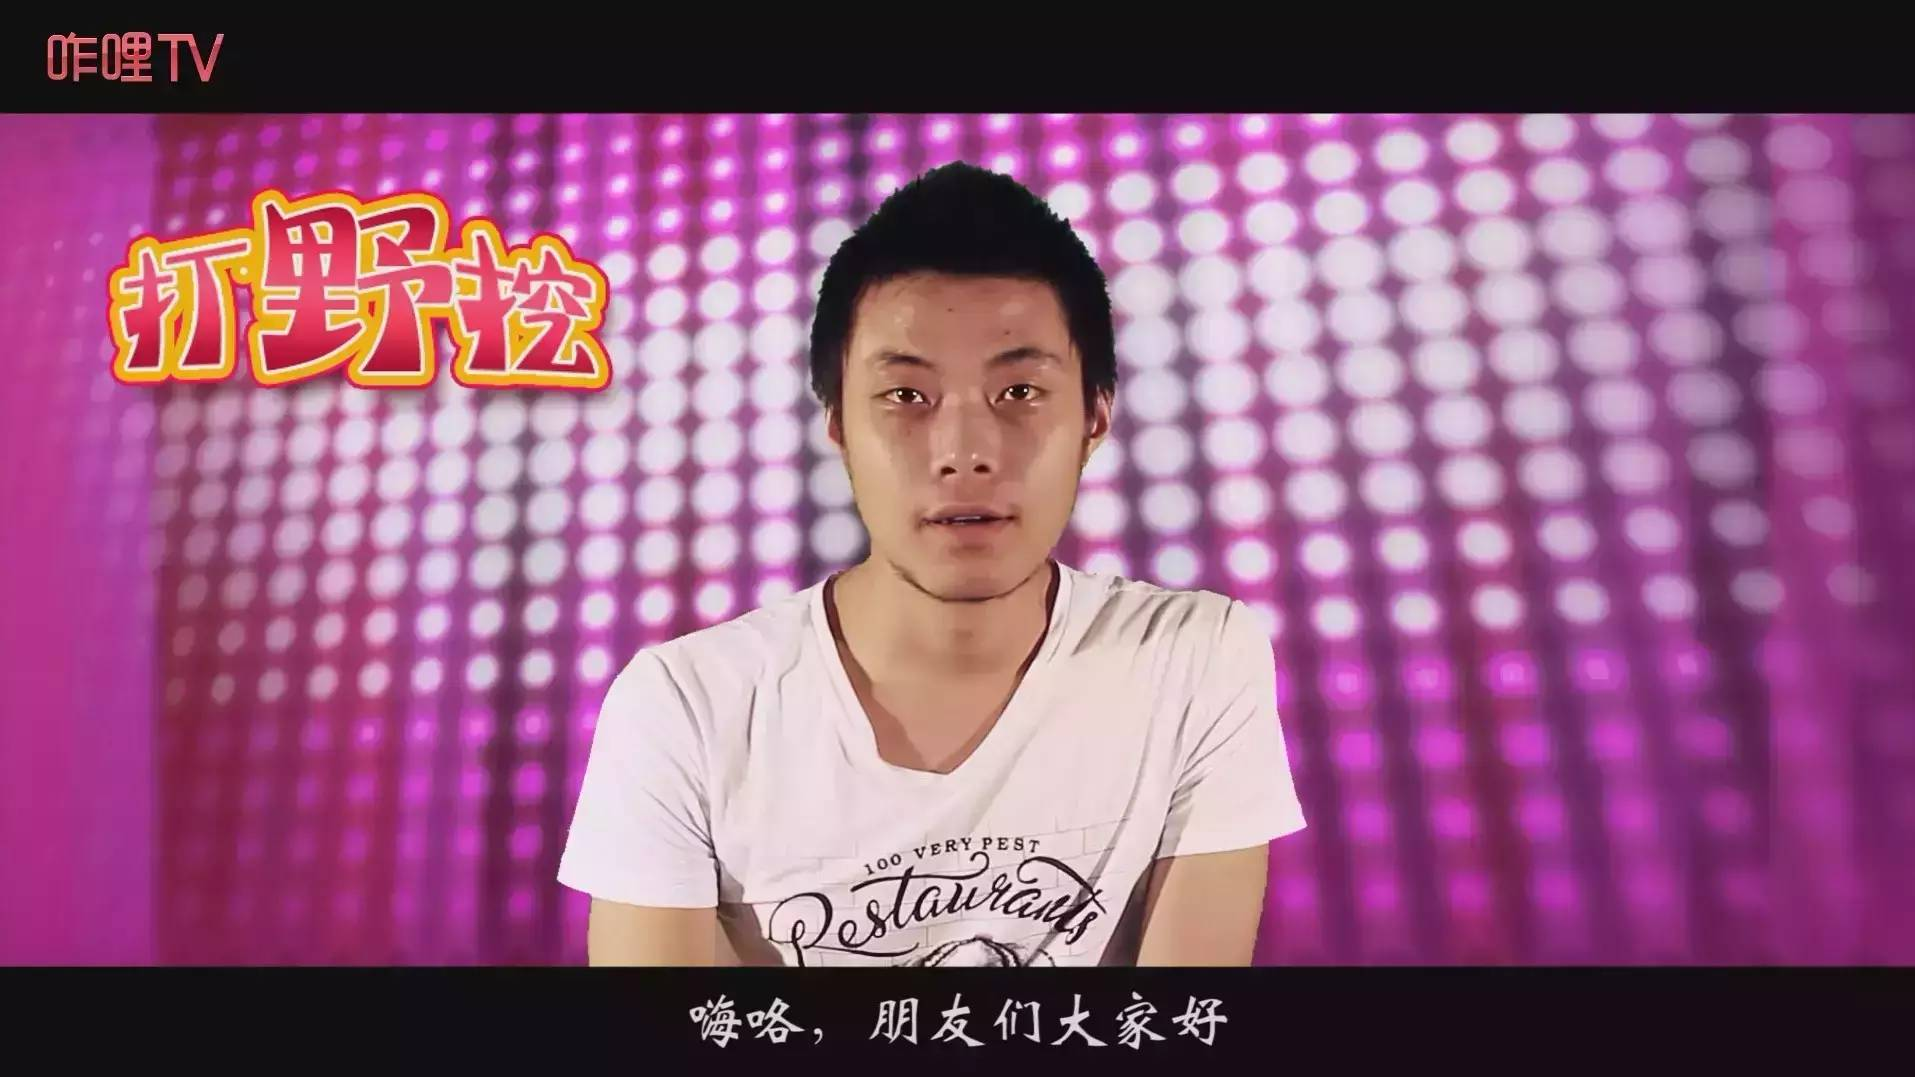 萍乡首期方言脱口秀节目《打野挖》哈哈哈哈